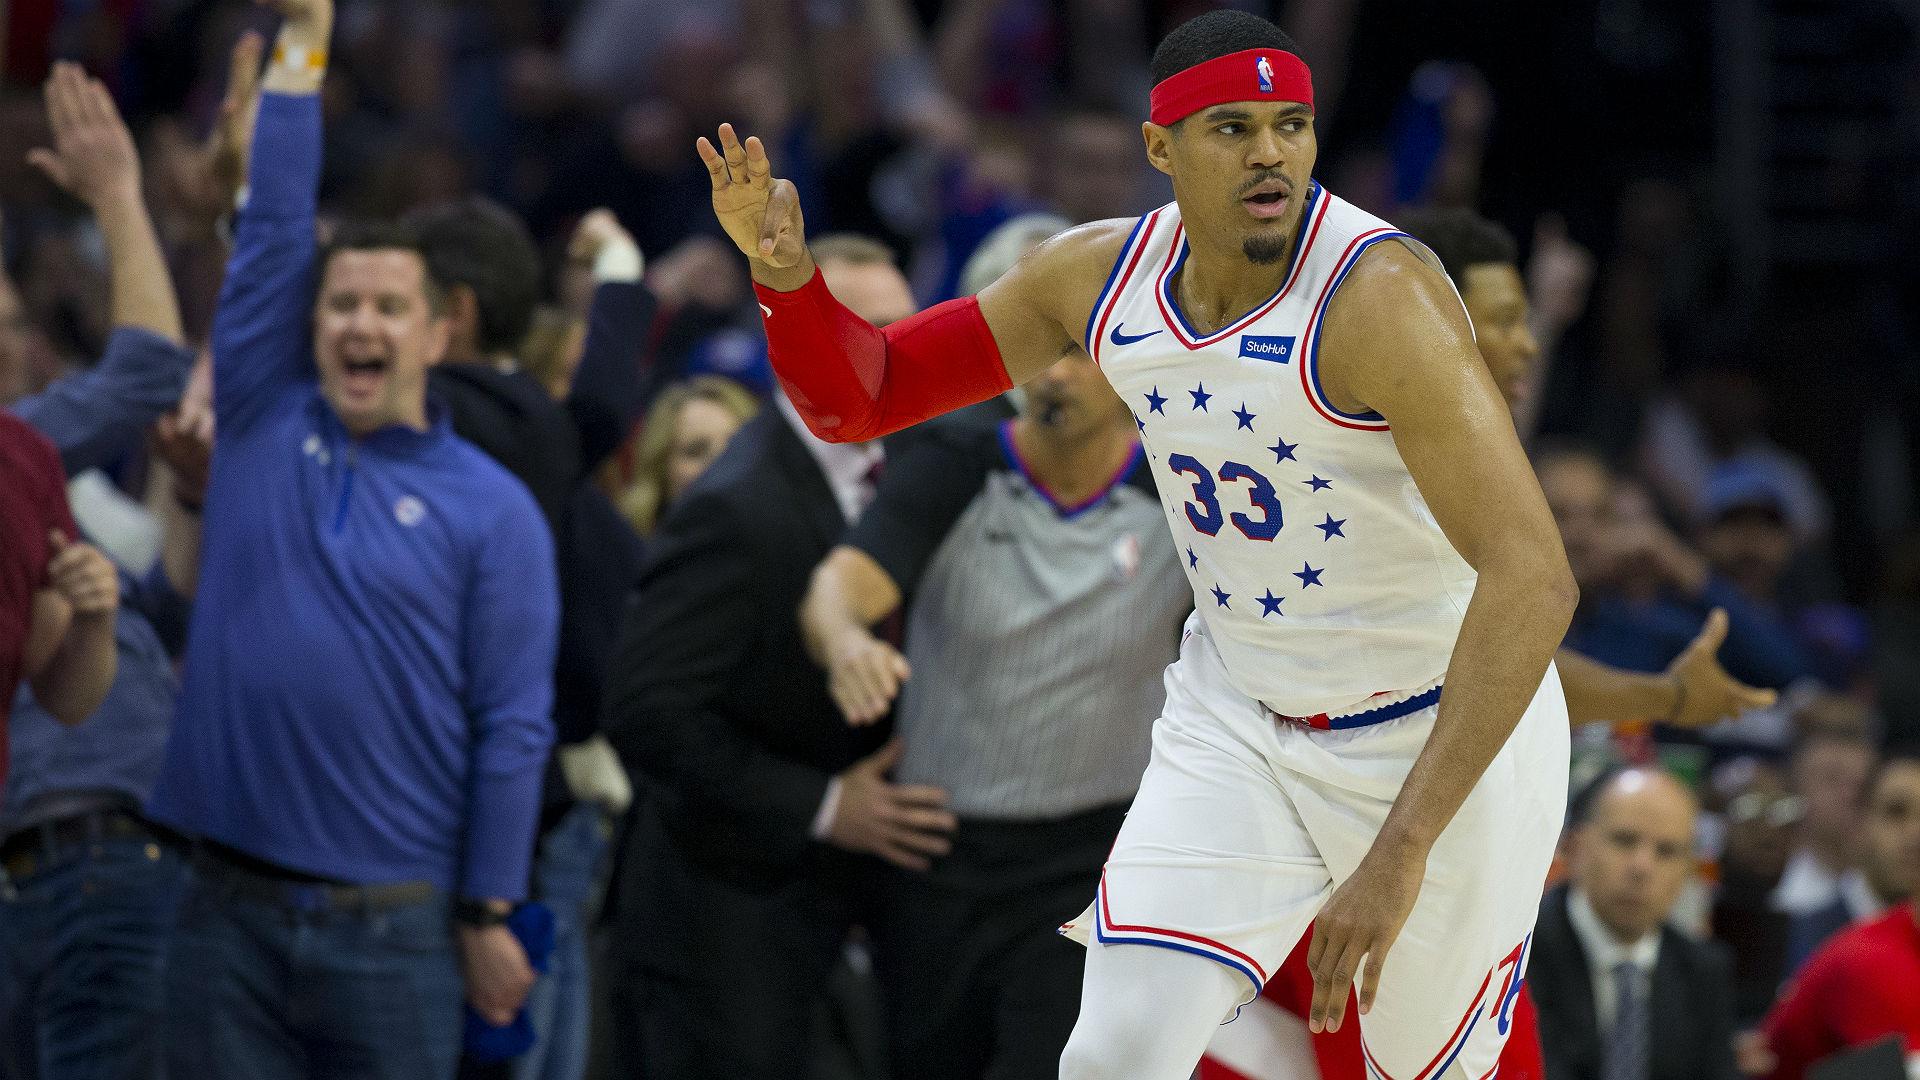 NBA free agency rumors: Pelicans considering signing Tobias Harris